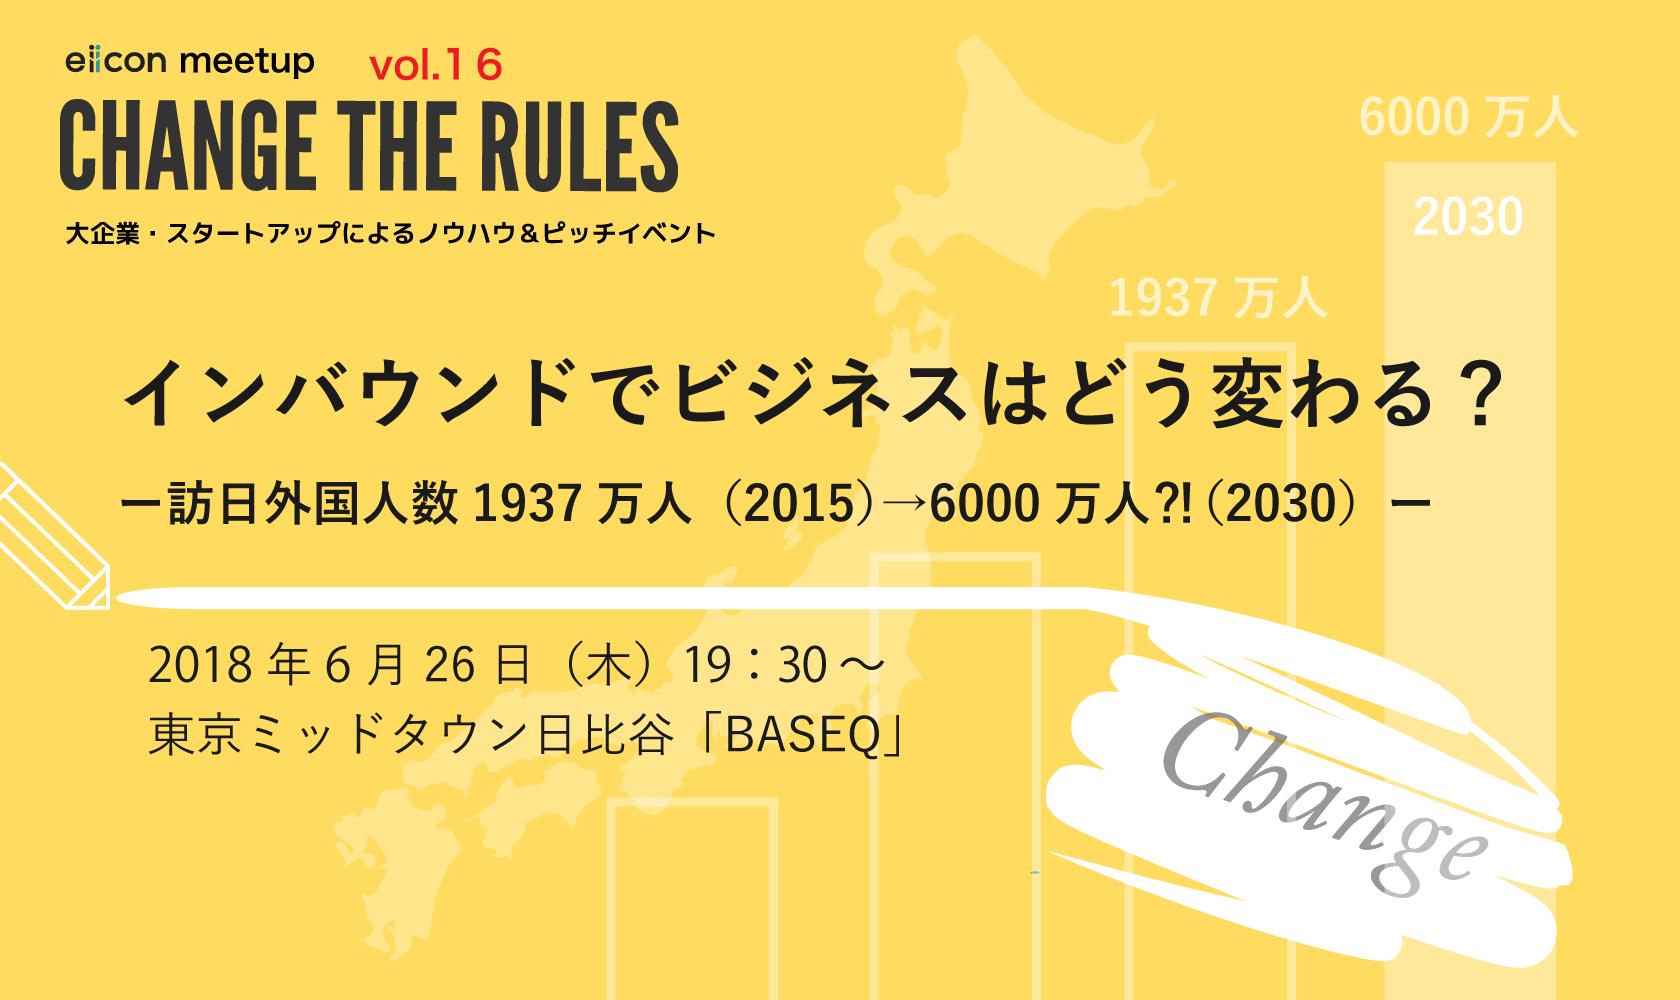 【6/26(火)19:30開始】CHANGE THE RULESeiicon meet up!! vol.16「インバウンドでビジネスはどう変わる? ー訪日外国人数1937万人(2015)→6000万人⁈(2030)ー」